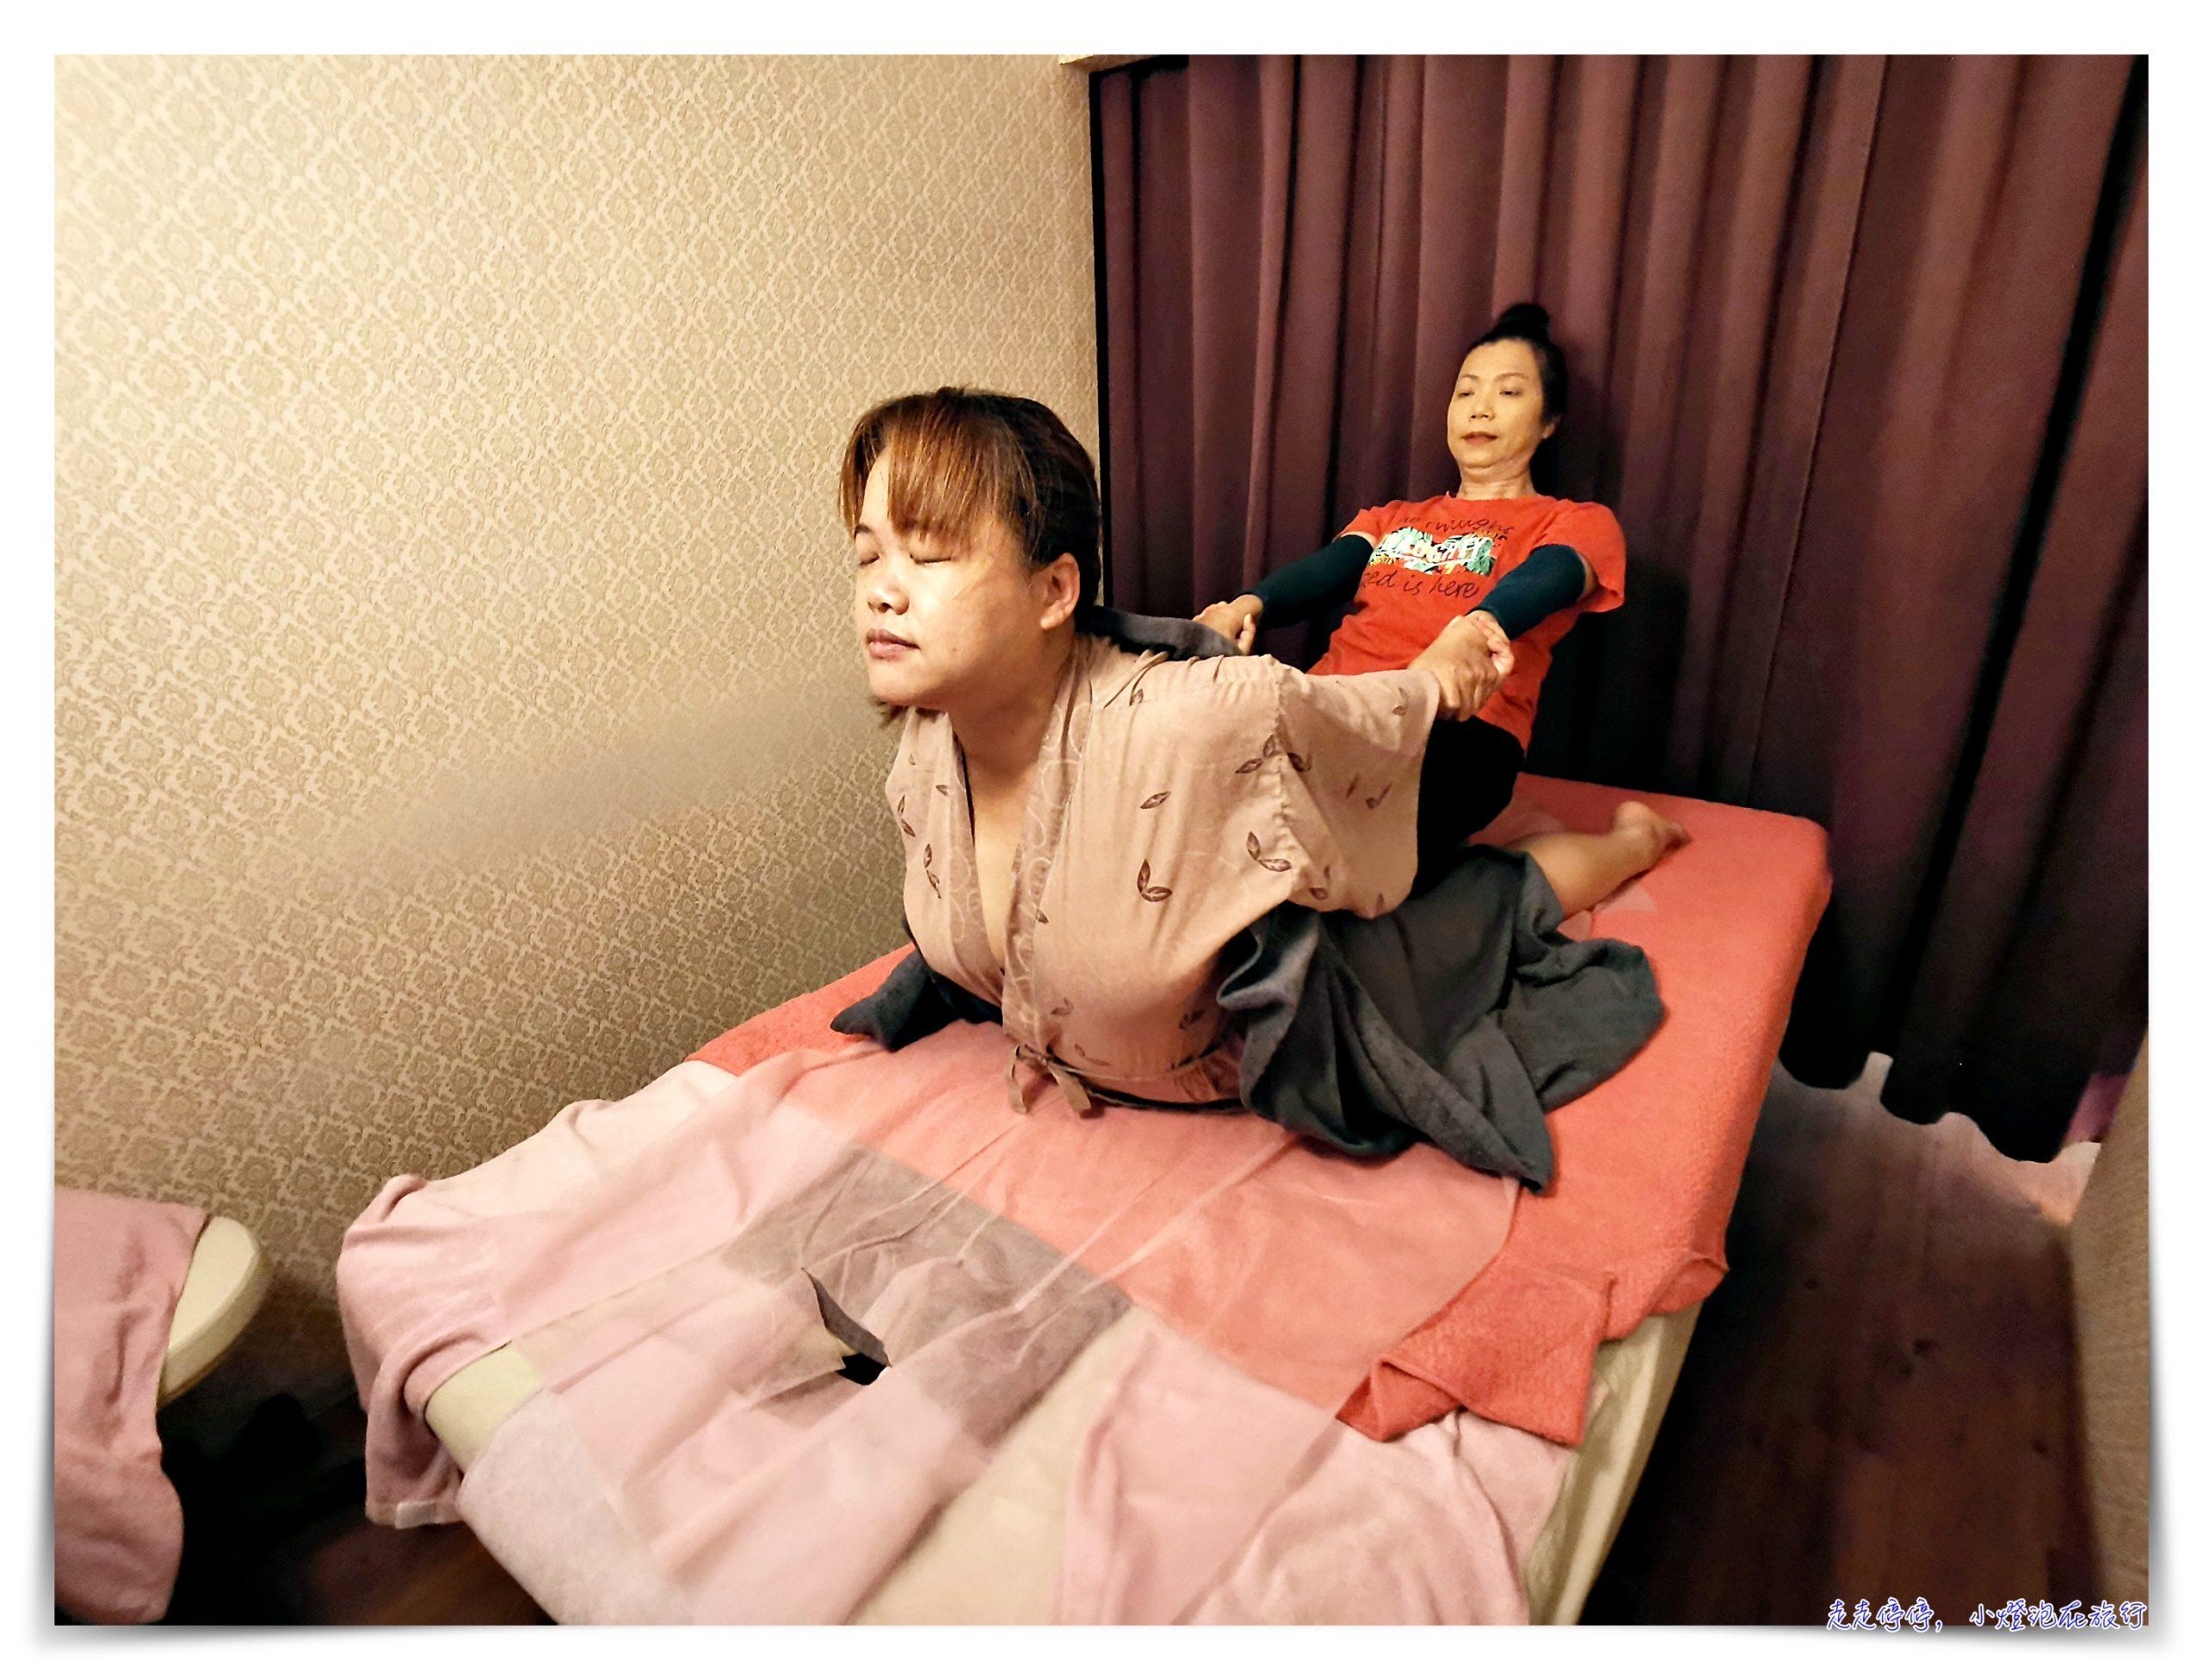 即時熱門文章:松山區泰式按摩|泰心泰式spa生活館。平價安全有禮貌,近五分埔、松山車站,全泰國女師傅~2H999元~舒服解疲勞~